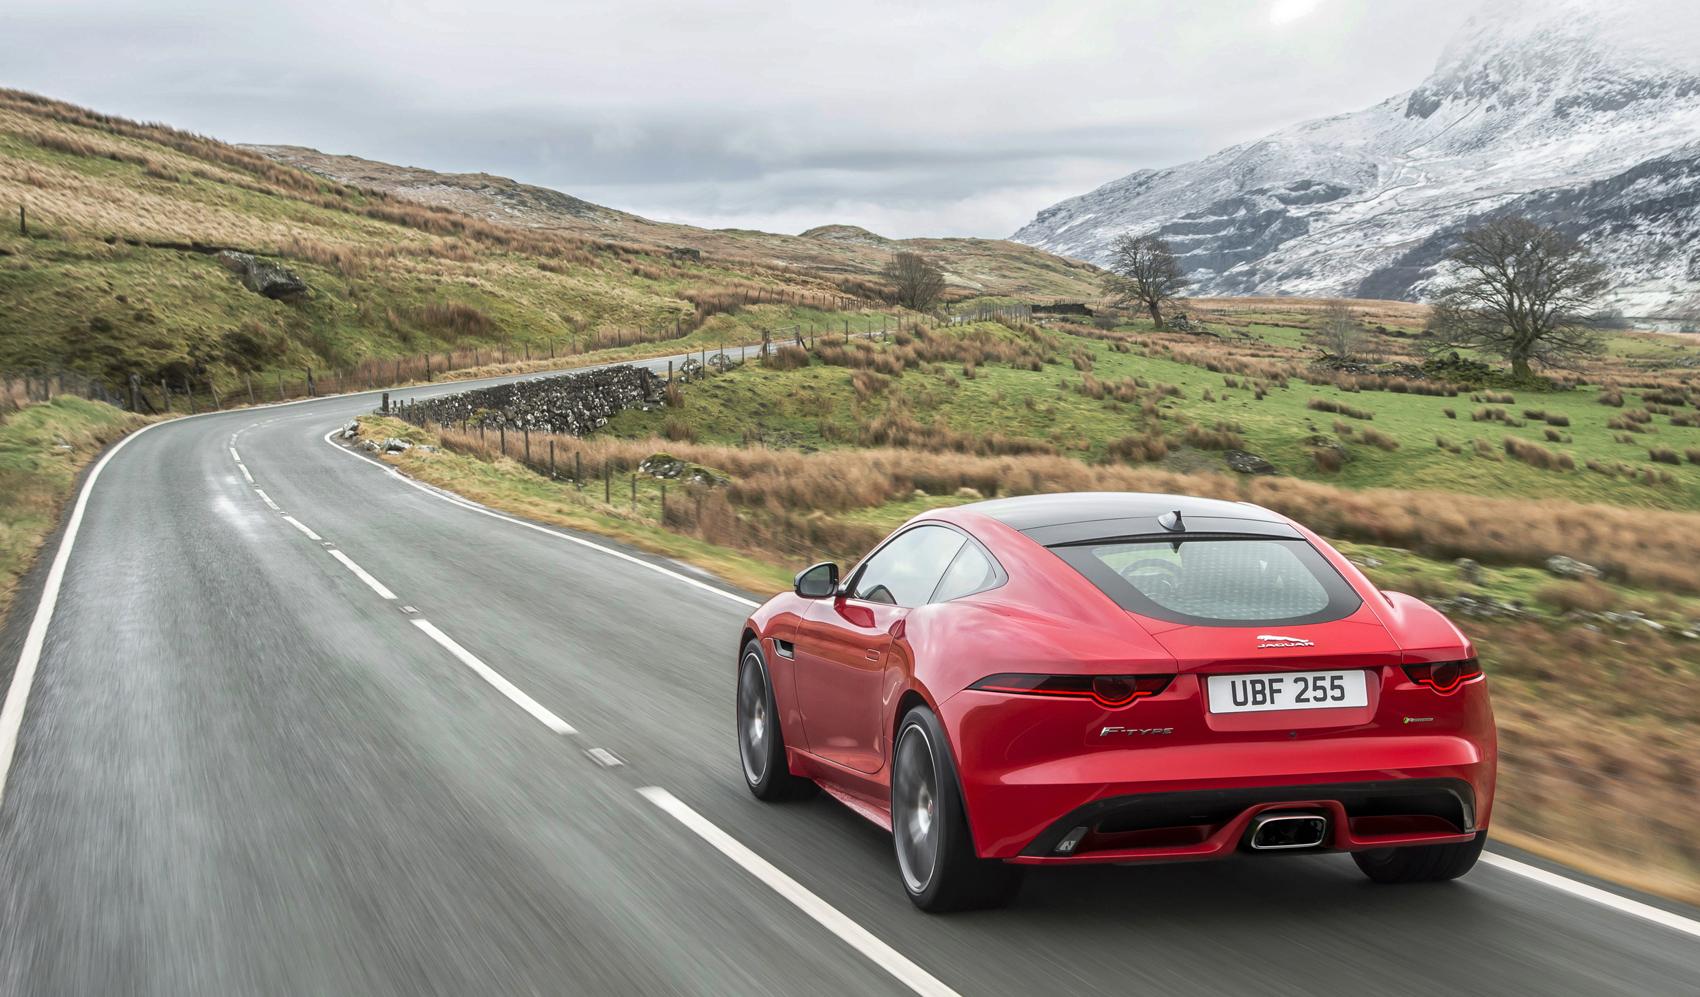 O Estiloso F Type Acaba De Ganhar Outra Motorização No Brasil, Além Dos V6  E V8 Oferecidos Desde 2014 (leia Aqui). A Jaguar Confirmou O Desembarque Da  Opção ...